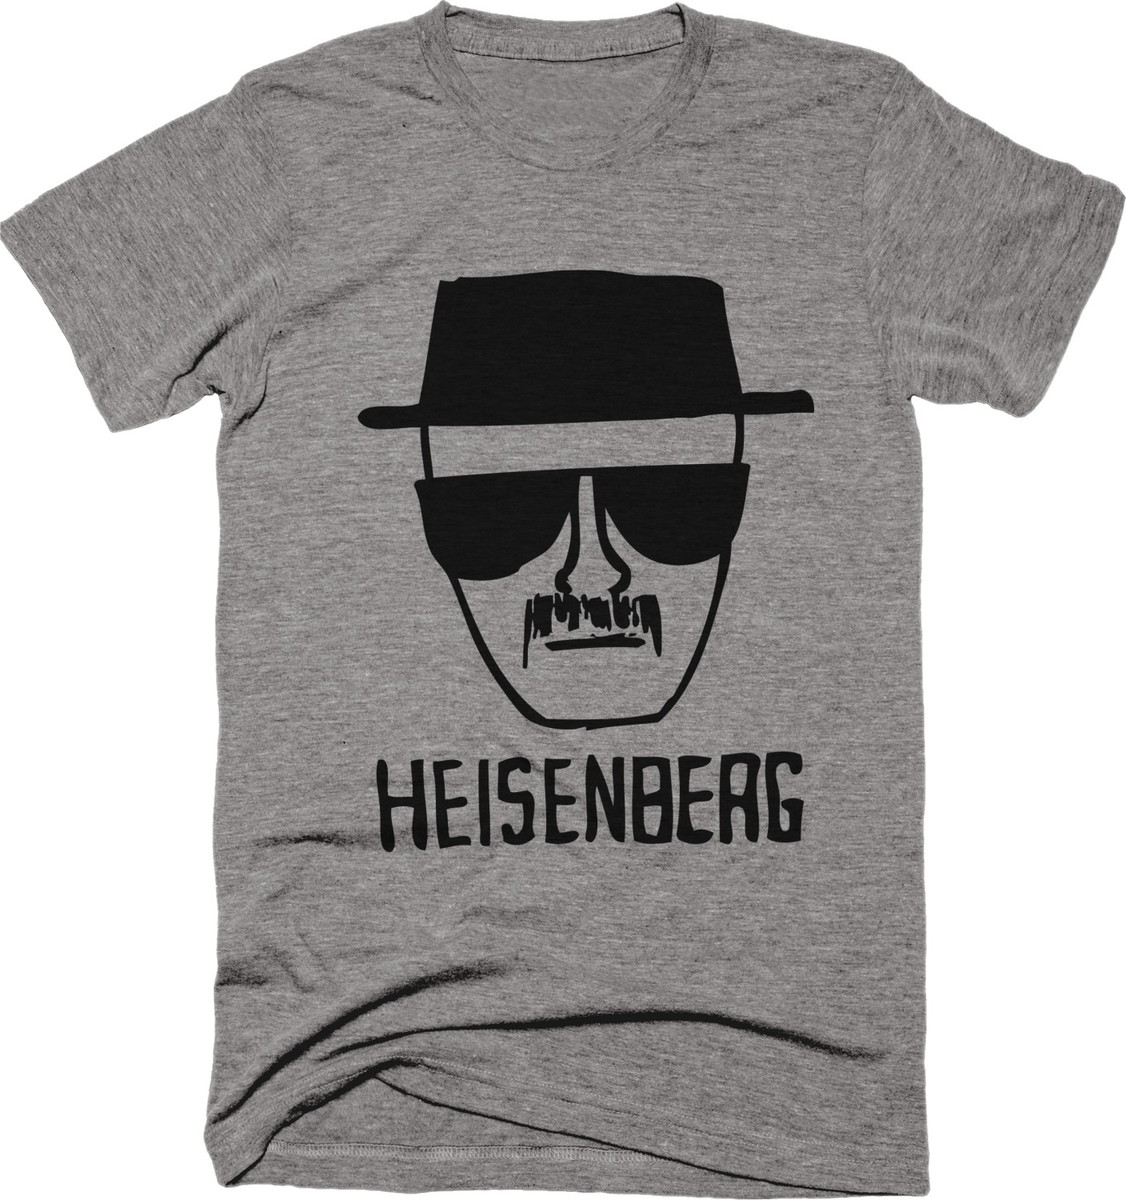 d20650511 Camiseta Série Breaking Bad Heisenberg Cinza 01 no Elo7